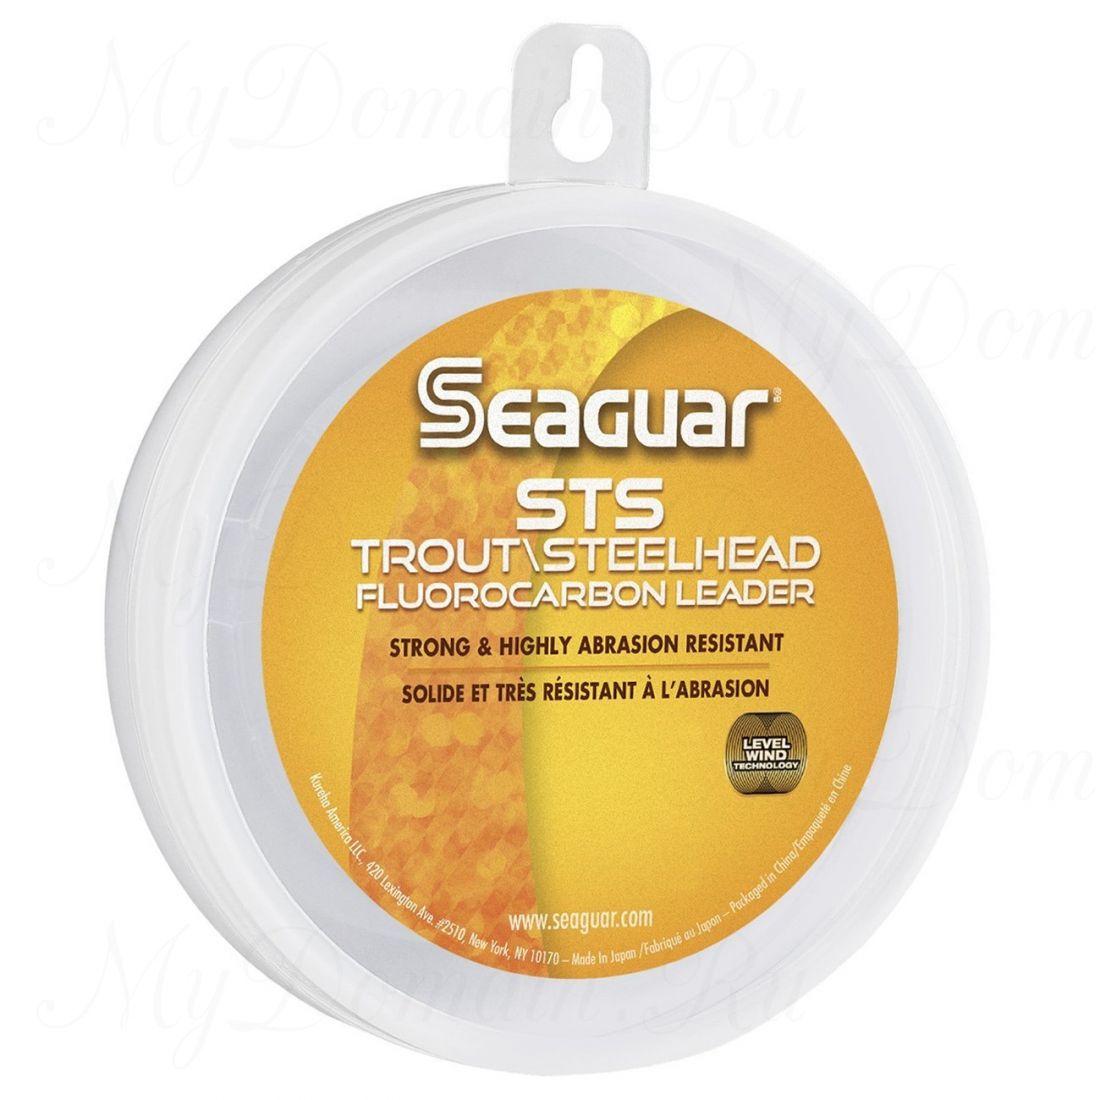 Поводковый материал из флюорокарбона Seaguar STS Salmon & Trout/Steelhead 0,660 мм; 50 lb/22,9 кг; 100 ярдов/91 м.